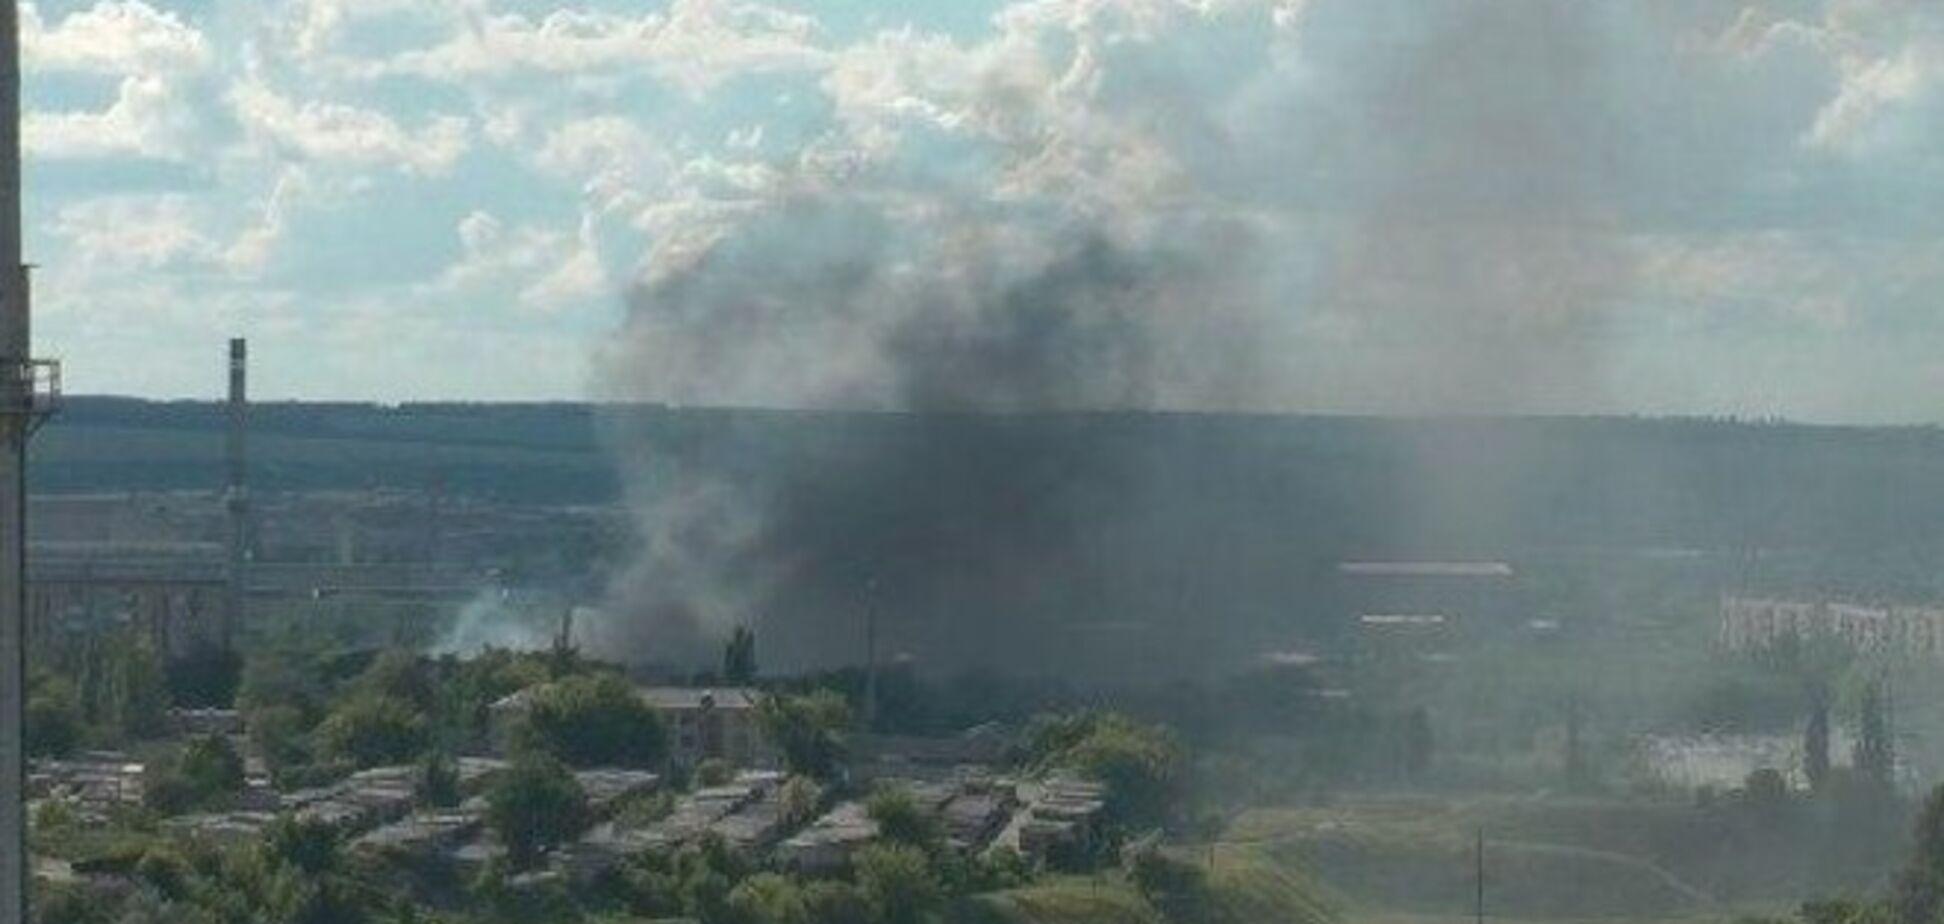 В Славянске и Краматорске слышны сильные взрывы, бои идут в нескольких точках